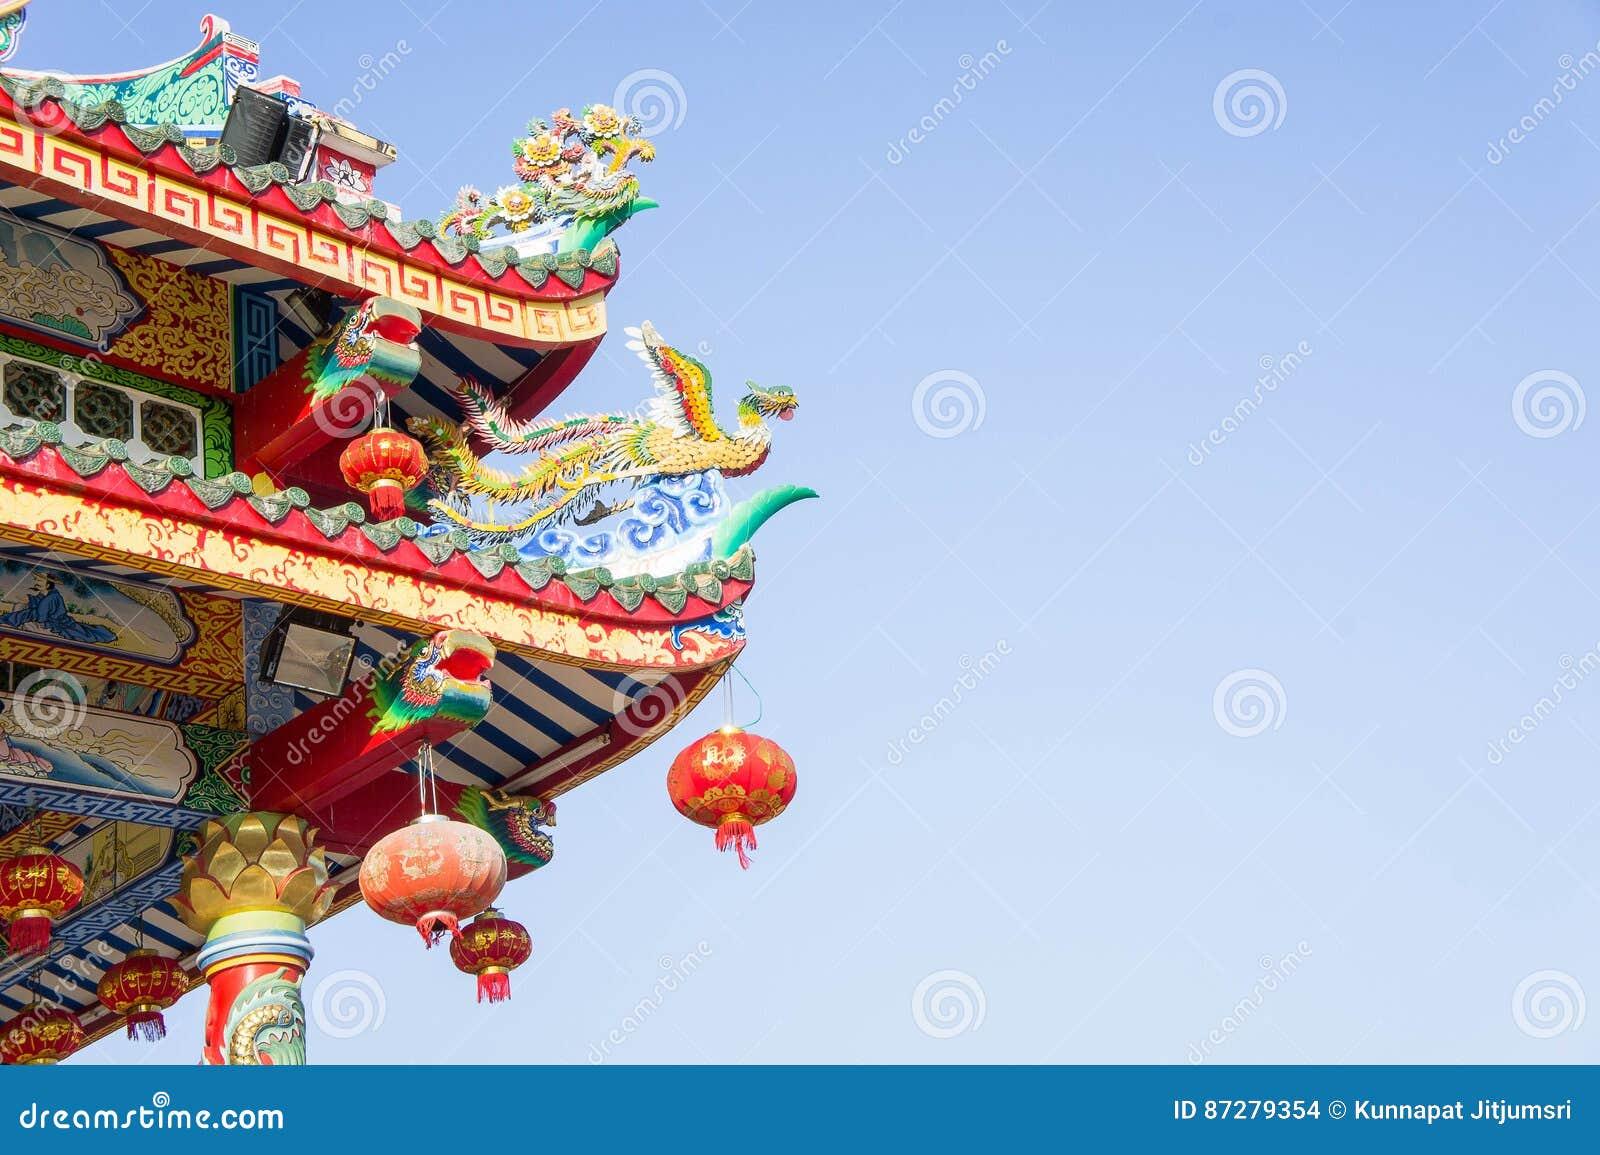 Kinesisk tempel och himmel, kinesisk kultur